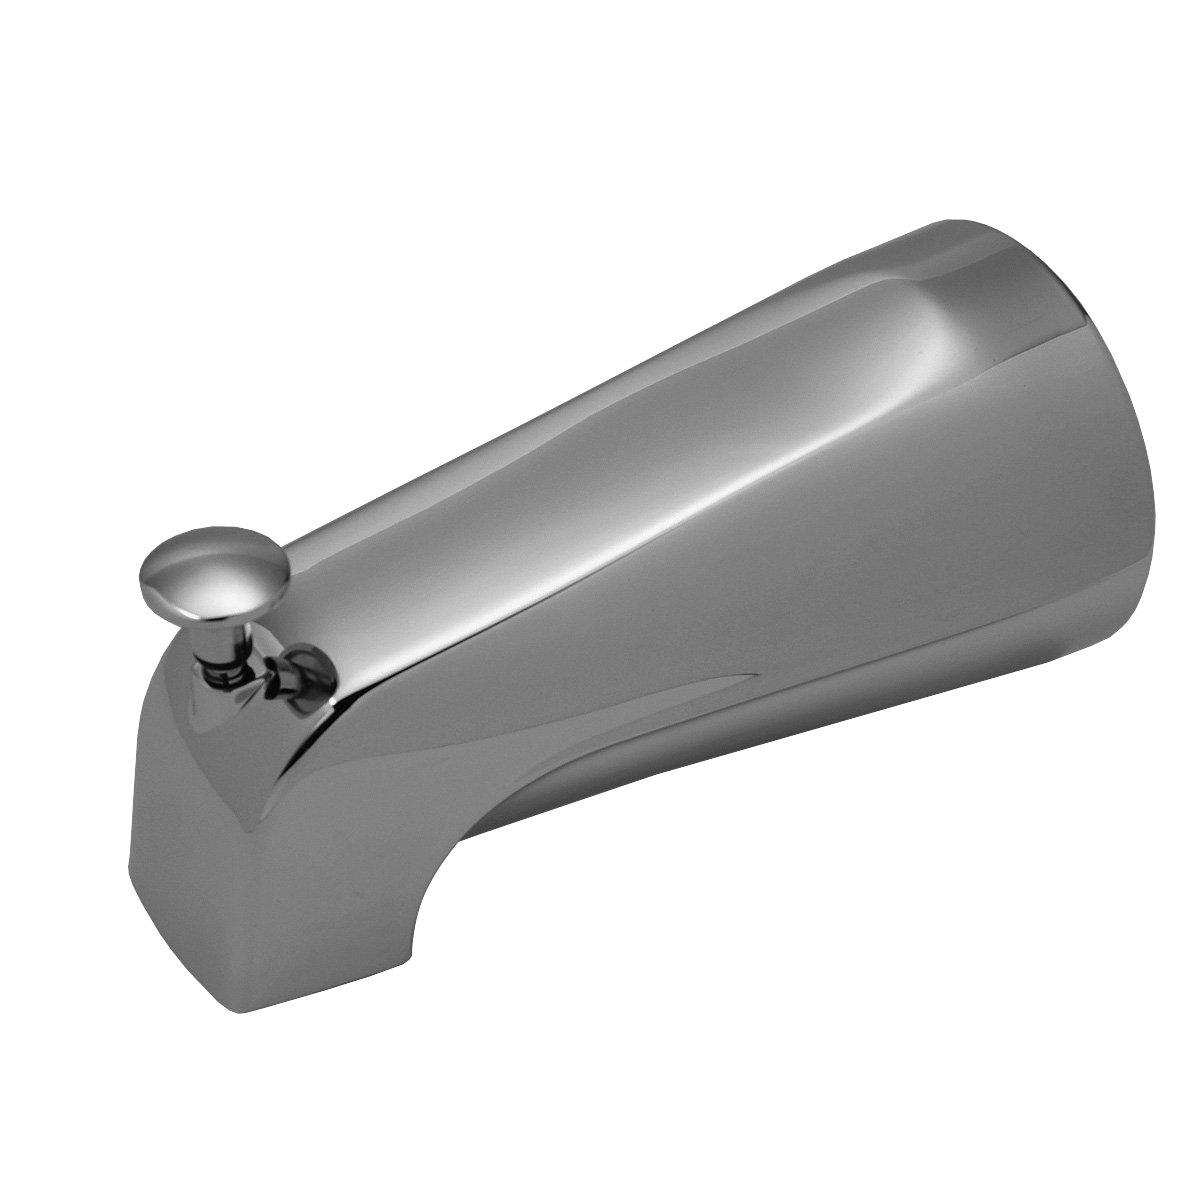 Cheap Long Tub Spout, find Long Tub Spout deals on line at Alibaba.com